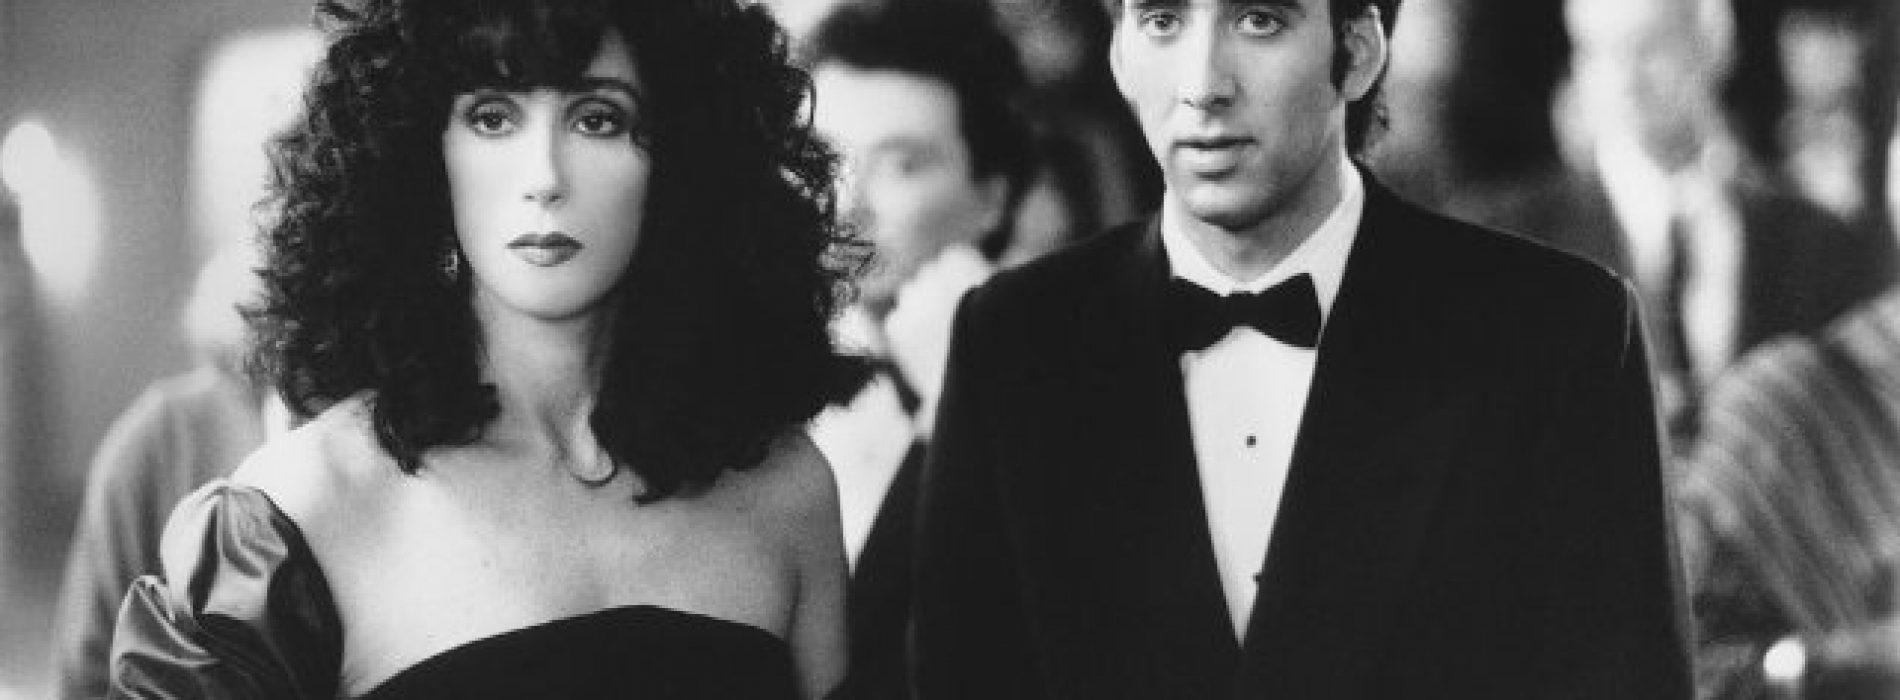 Kokią kainą Cher mokėjo už šlovę?